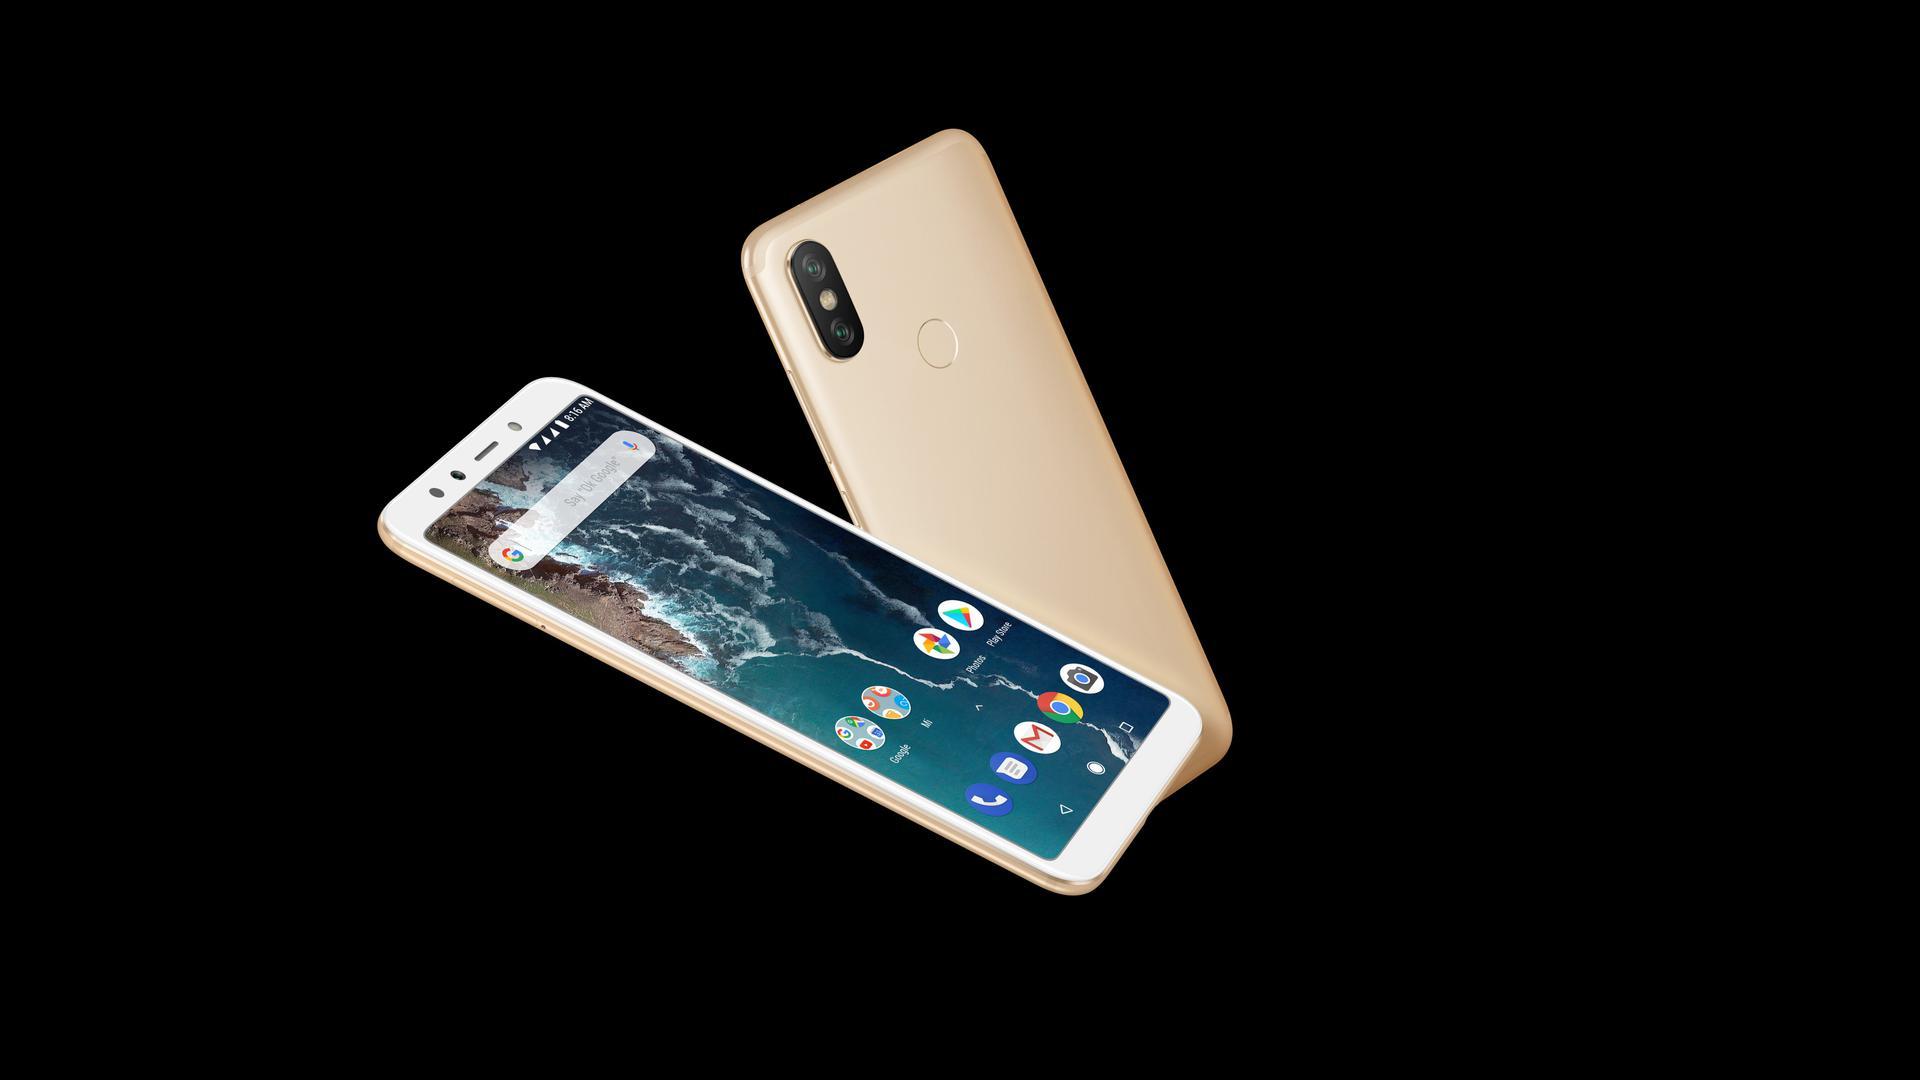 Xiaomi prezentuje nowe smartfony z Android e Poznaj Mi A2 oraz Mi A2 Lite [ZDJĘCIA] Super Express